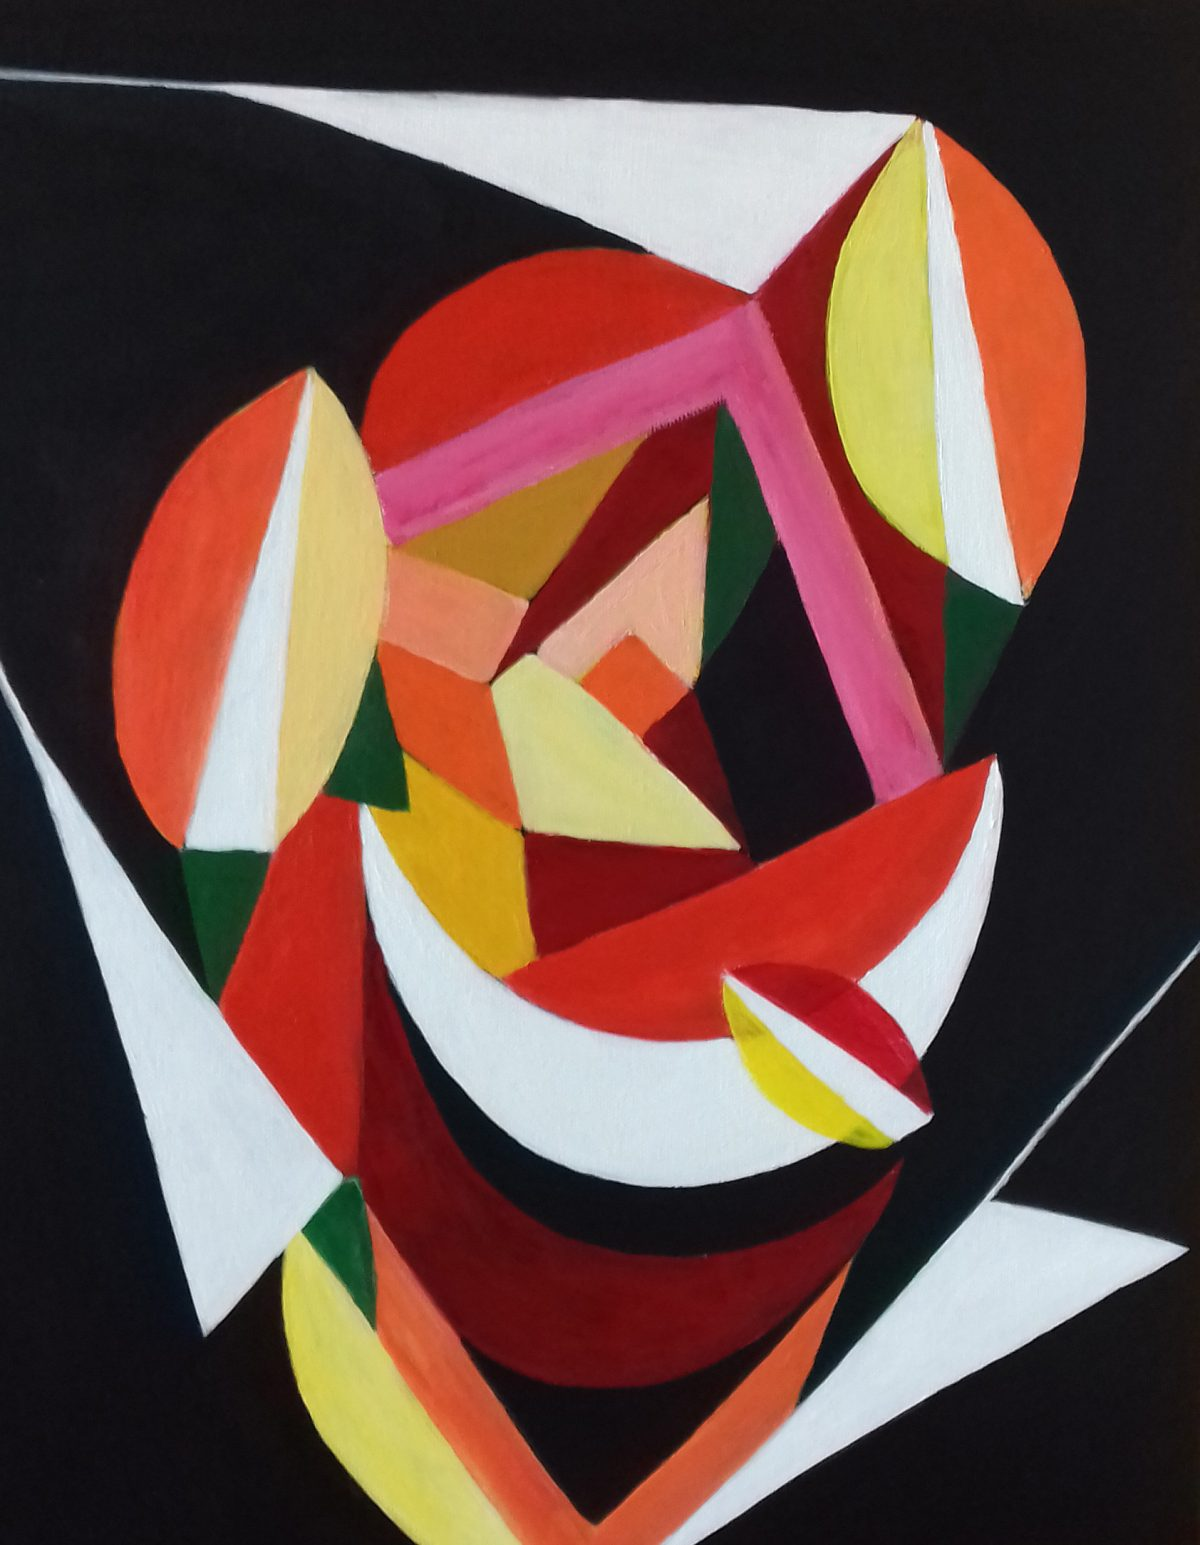 artiste peintre biarritz trois triangles blancs - 1